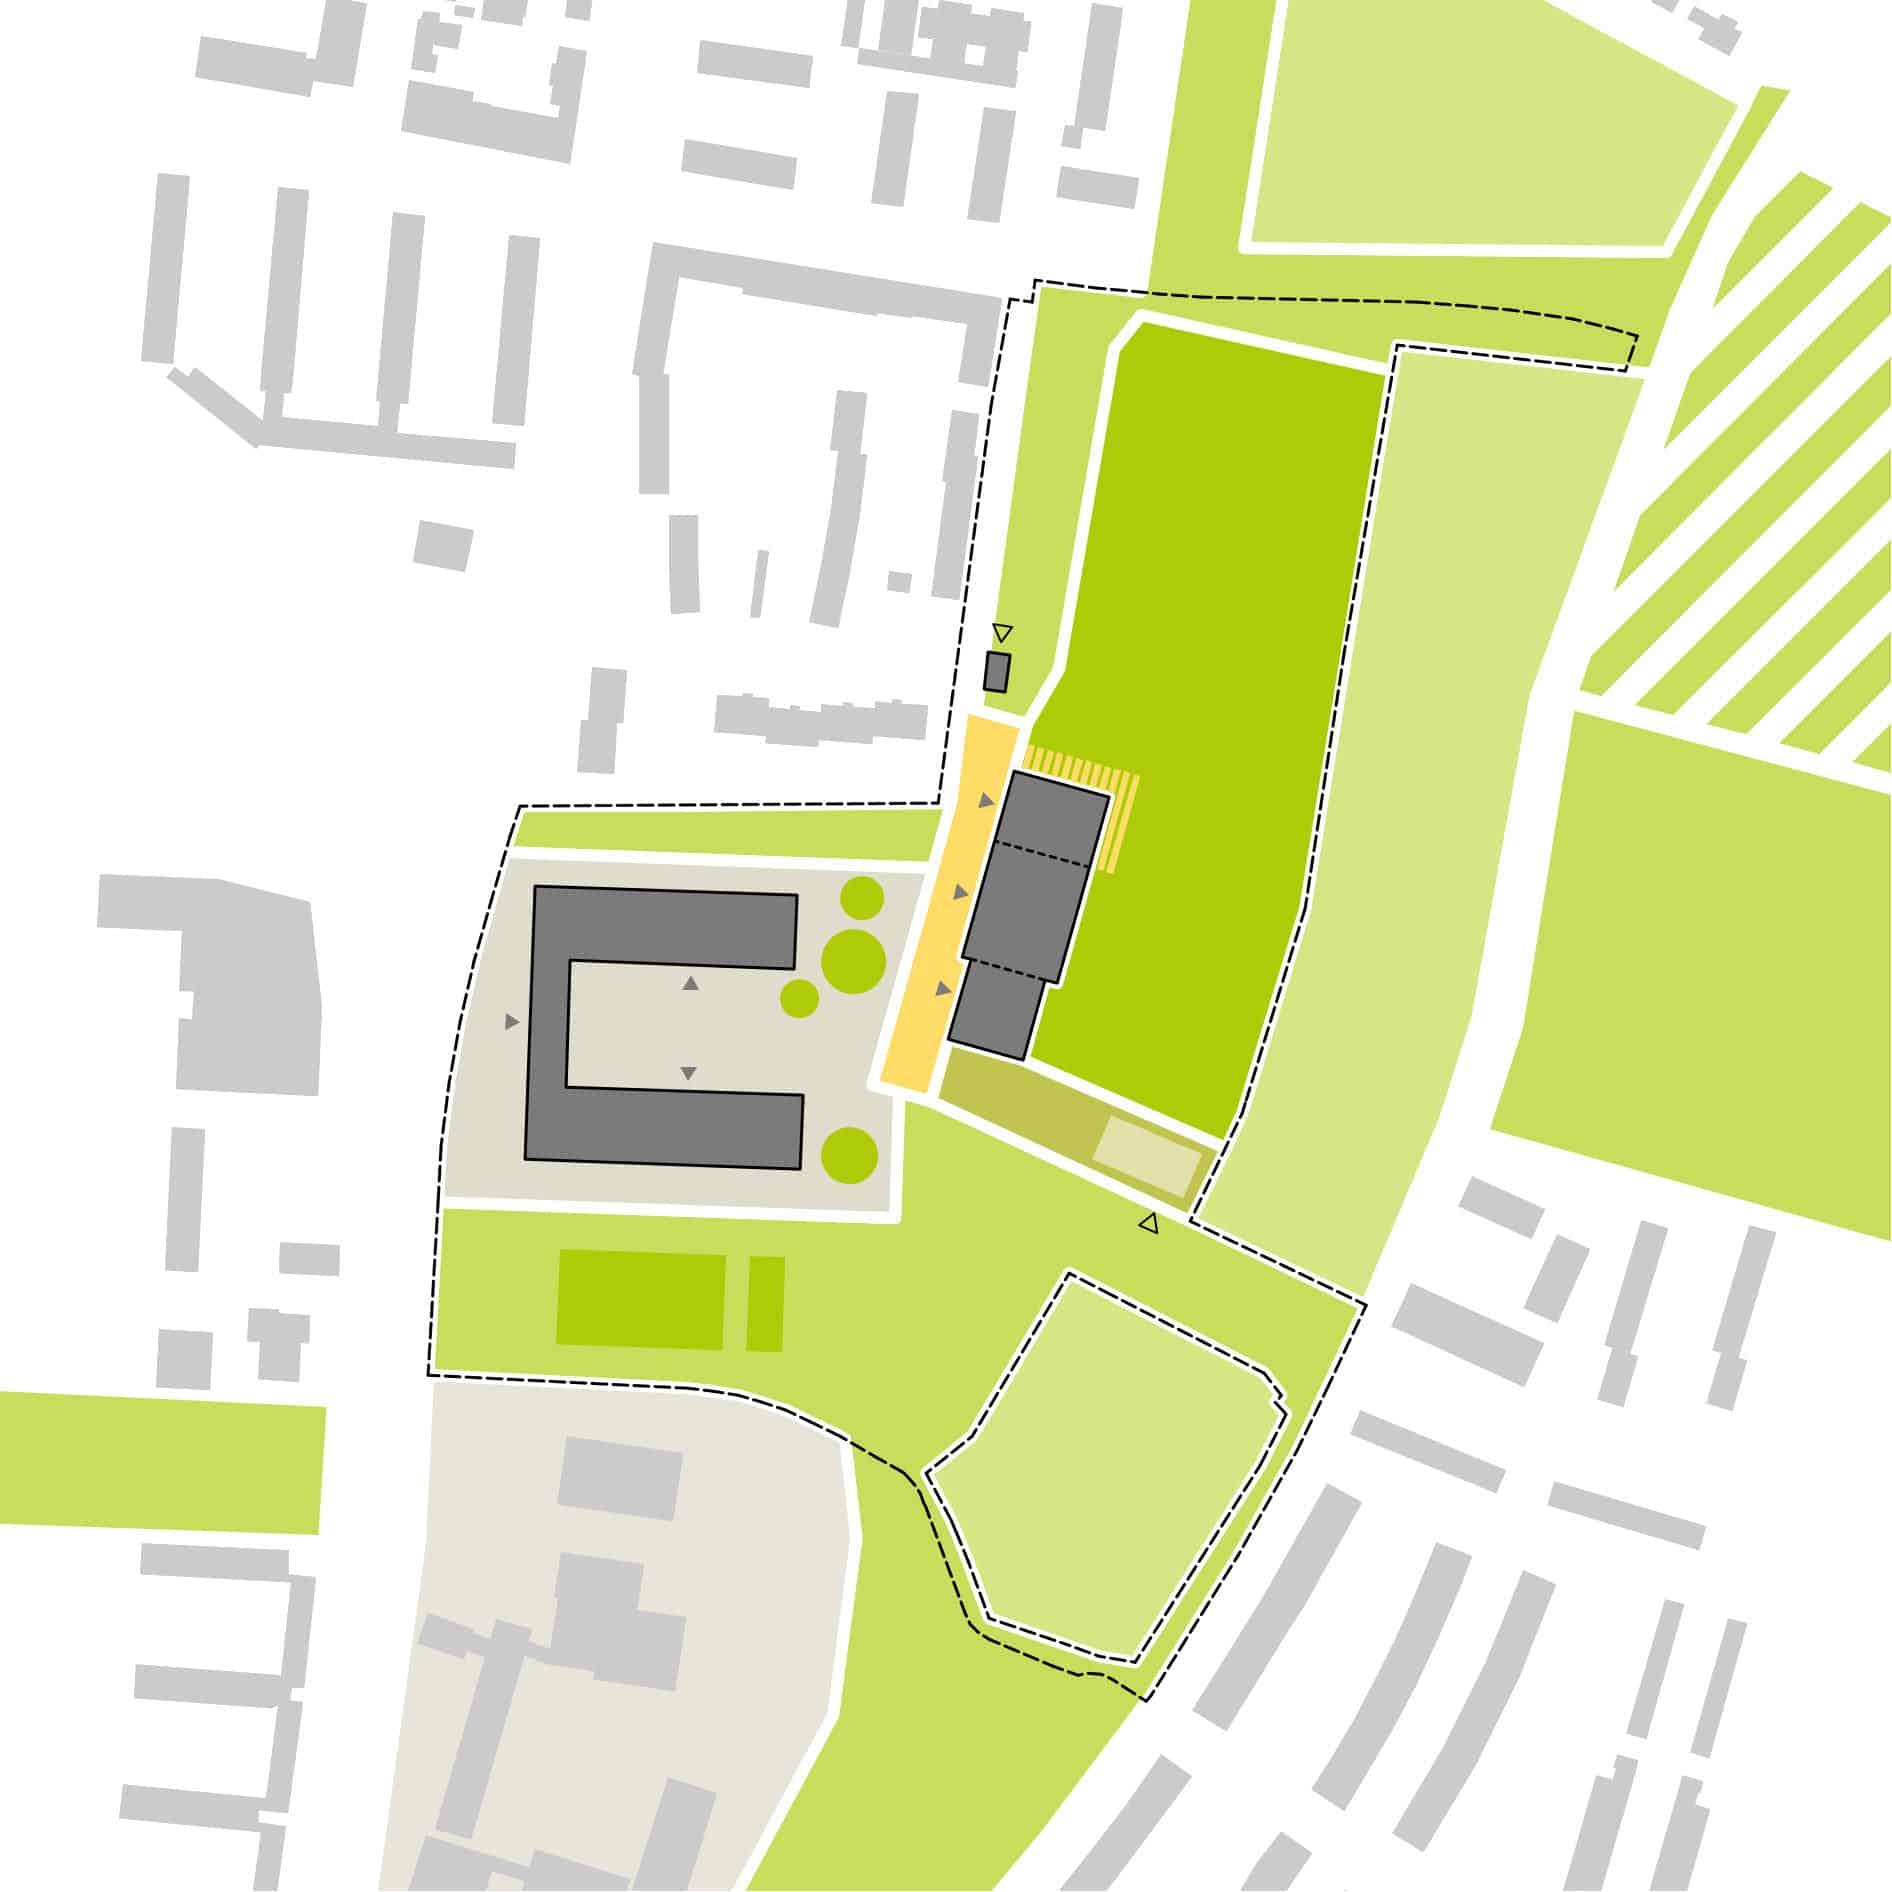 Bild: Piktogramm der Raumaufteilung auf dem Campus Ost